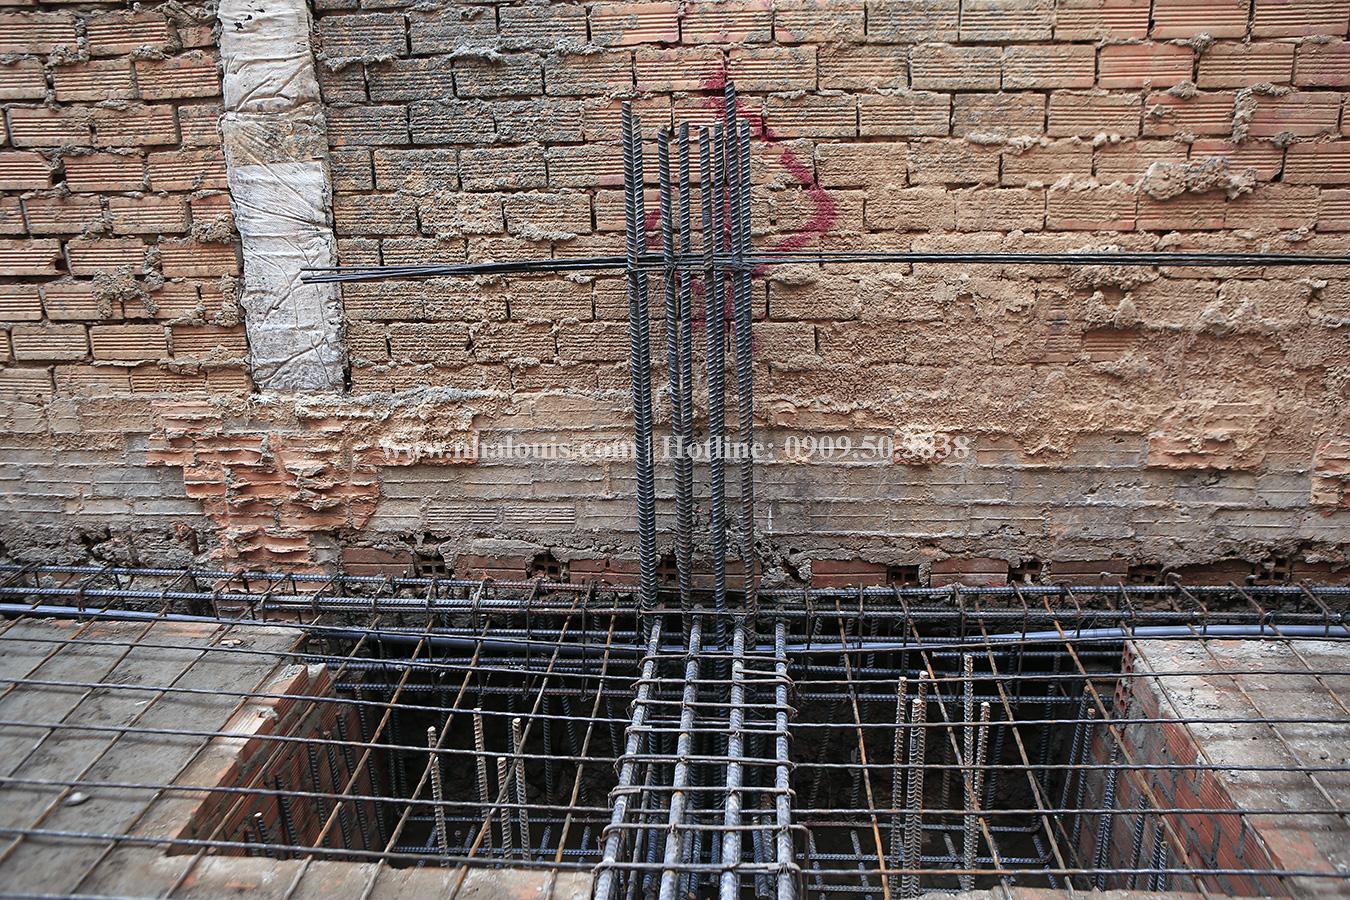 Khởi công xây dựng nhà phố hiện đại tại Tân Phú